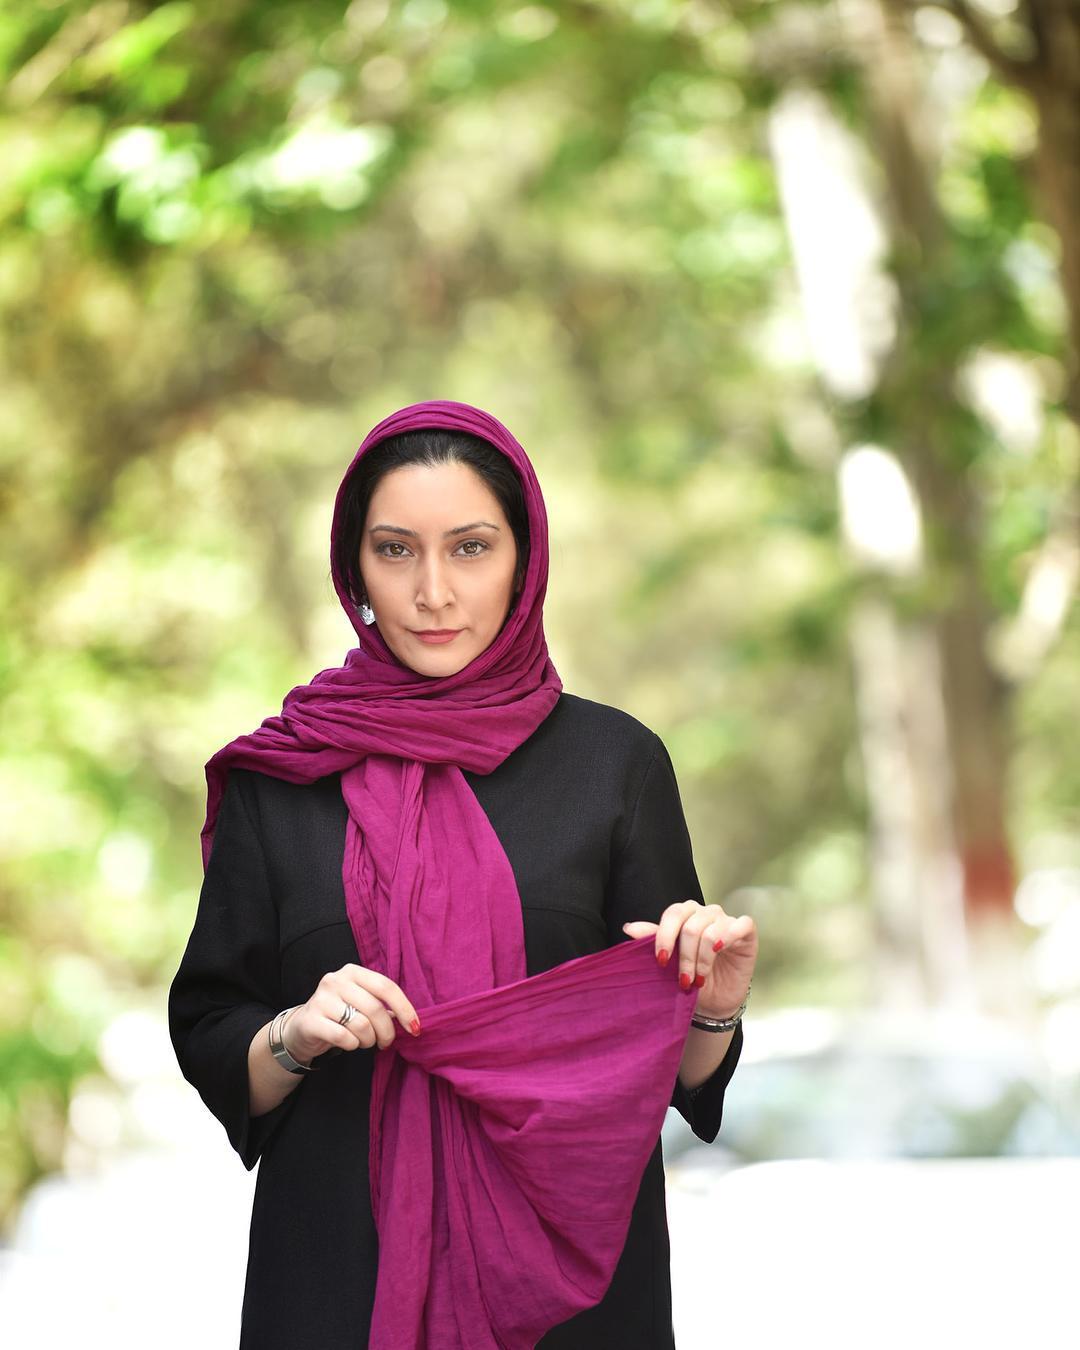 عکس شخصی بهاران بنی احمدی